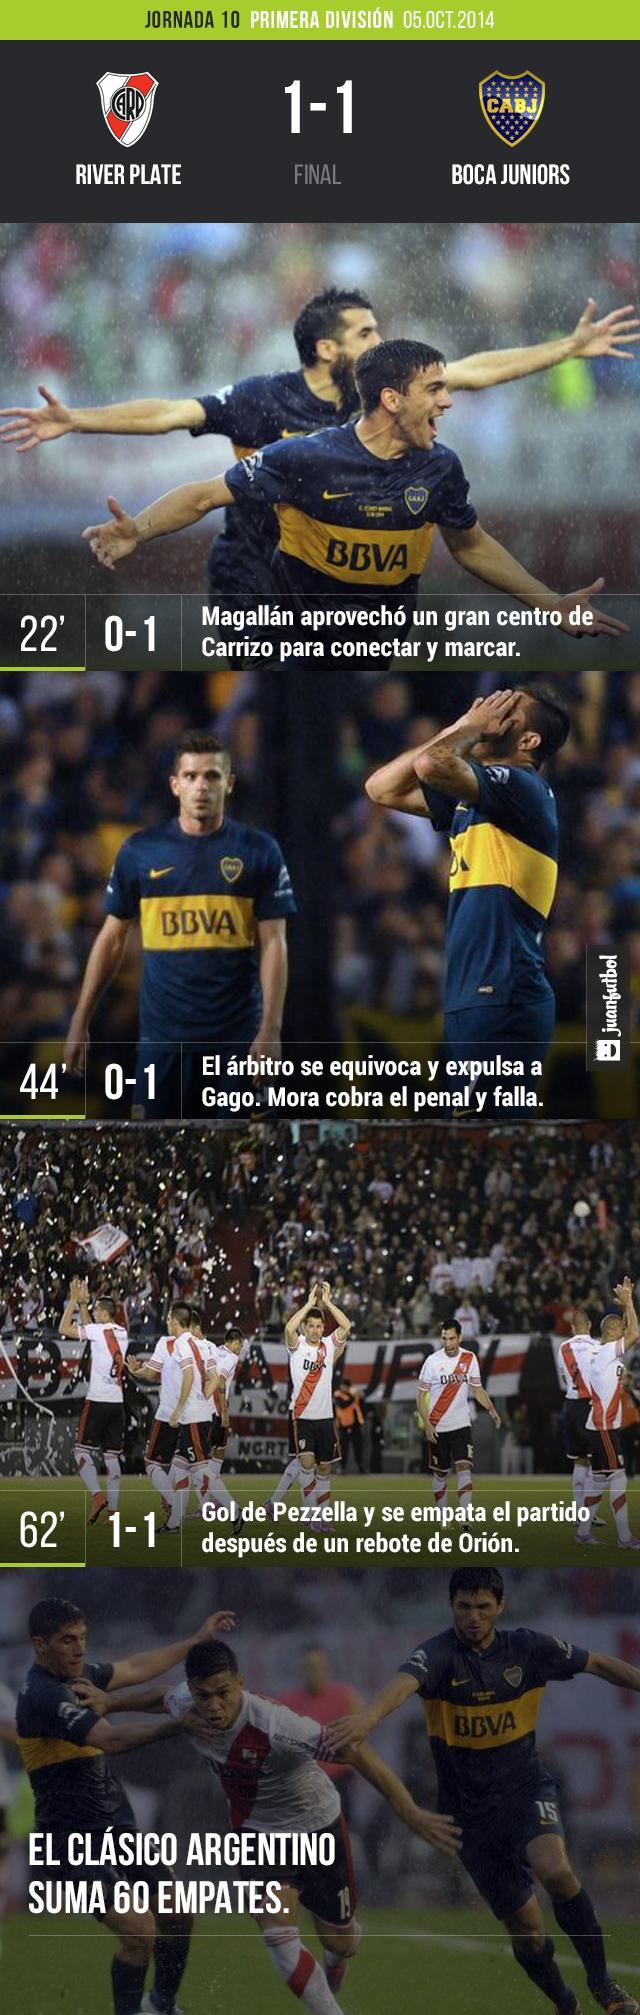 River Plate empata con Boca Juniors 1-1 en el Monumental con todo y una fuerte lluvia